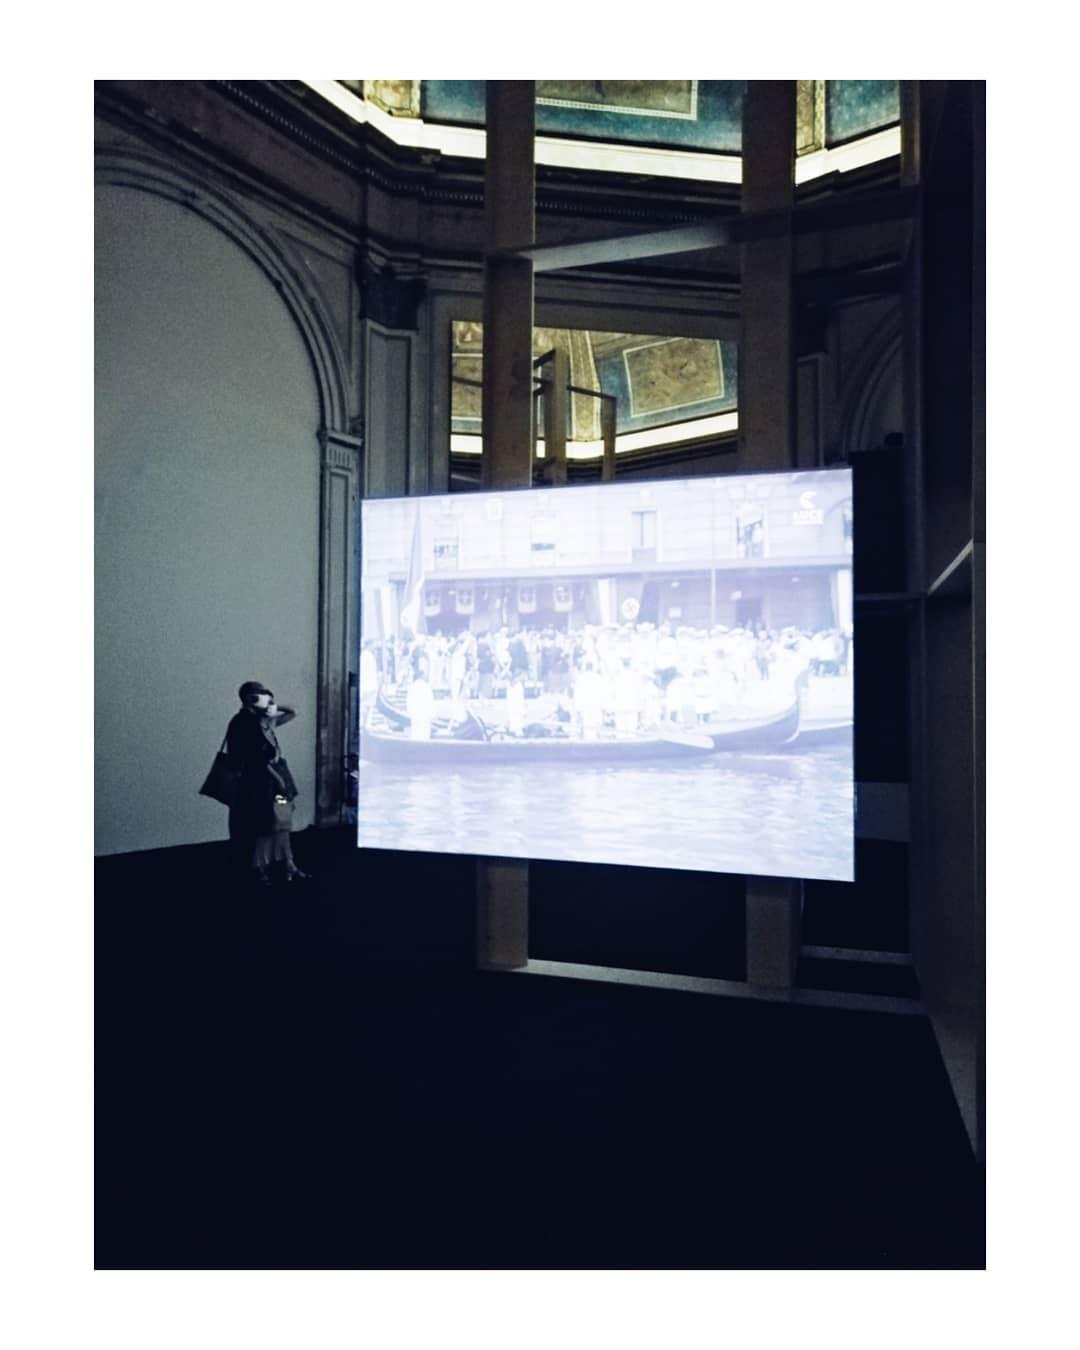 @luciapecoraro Palazzo Grassi, Venezia 2018